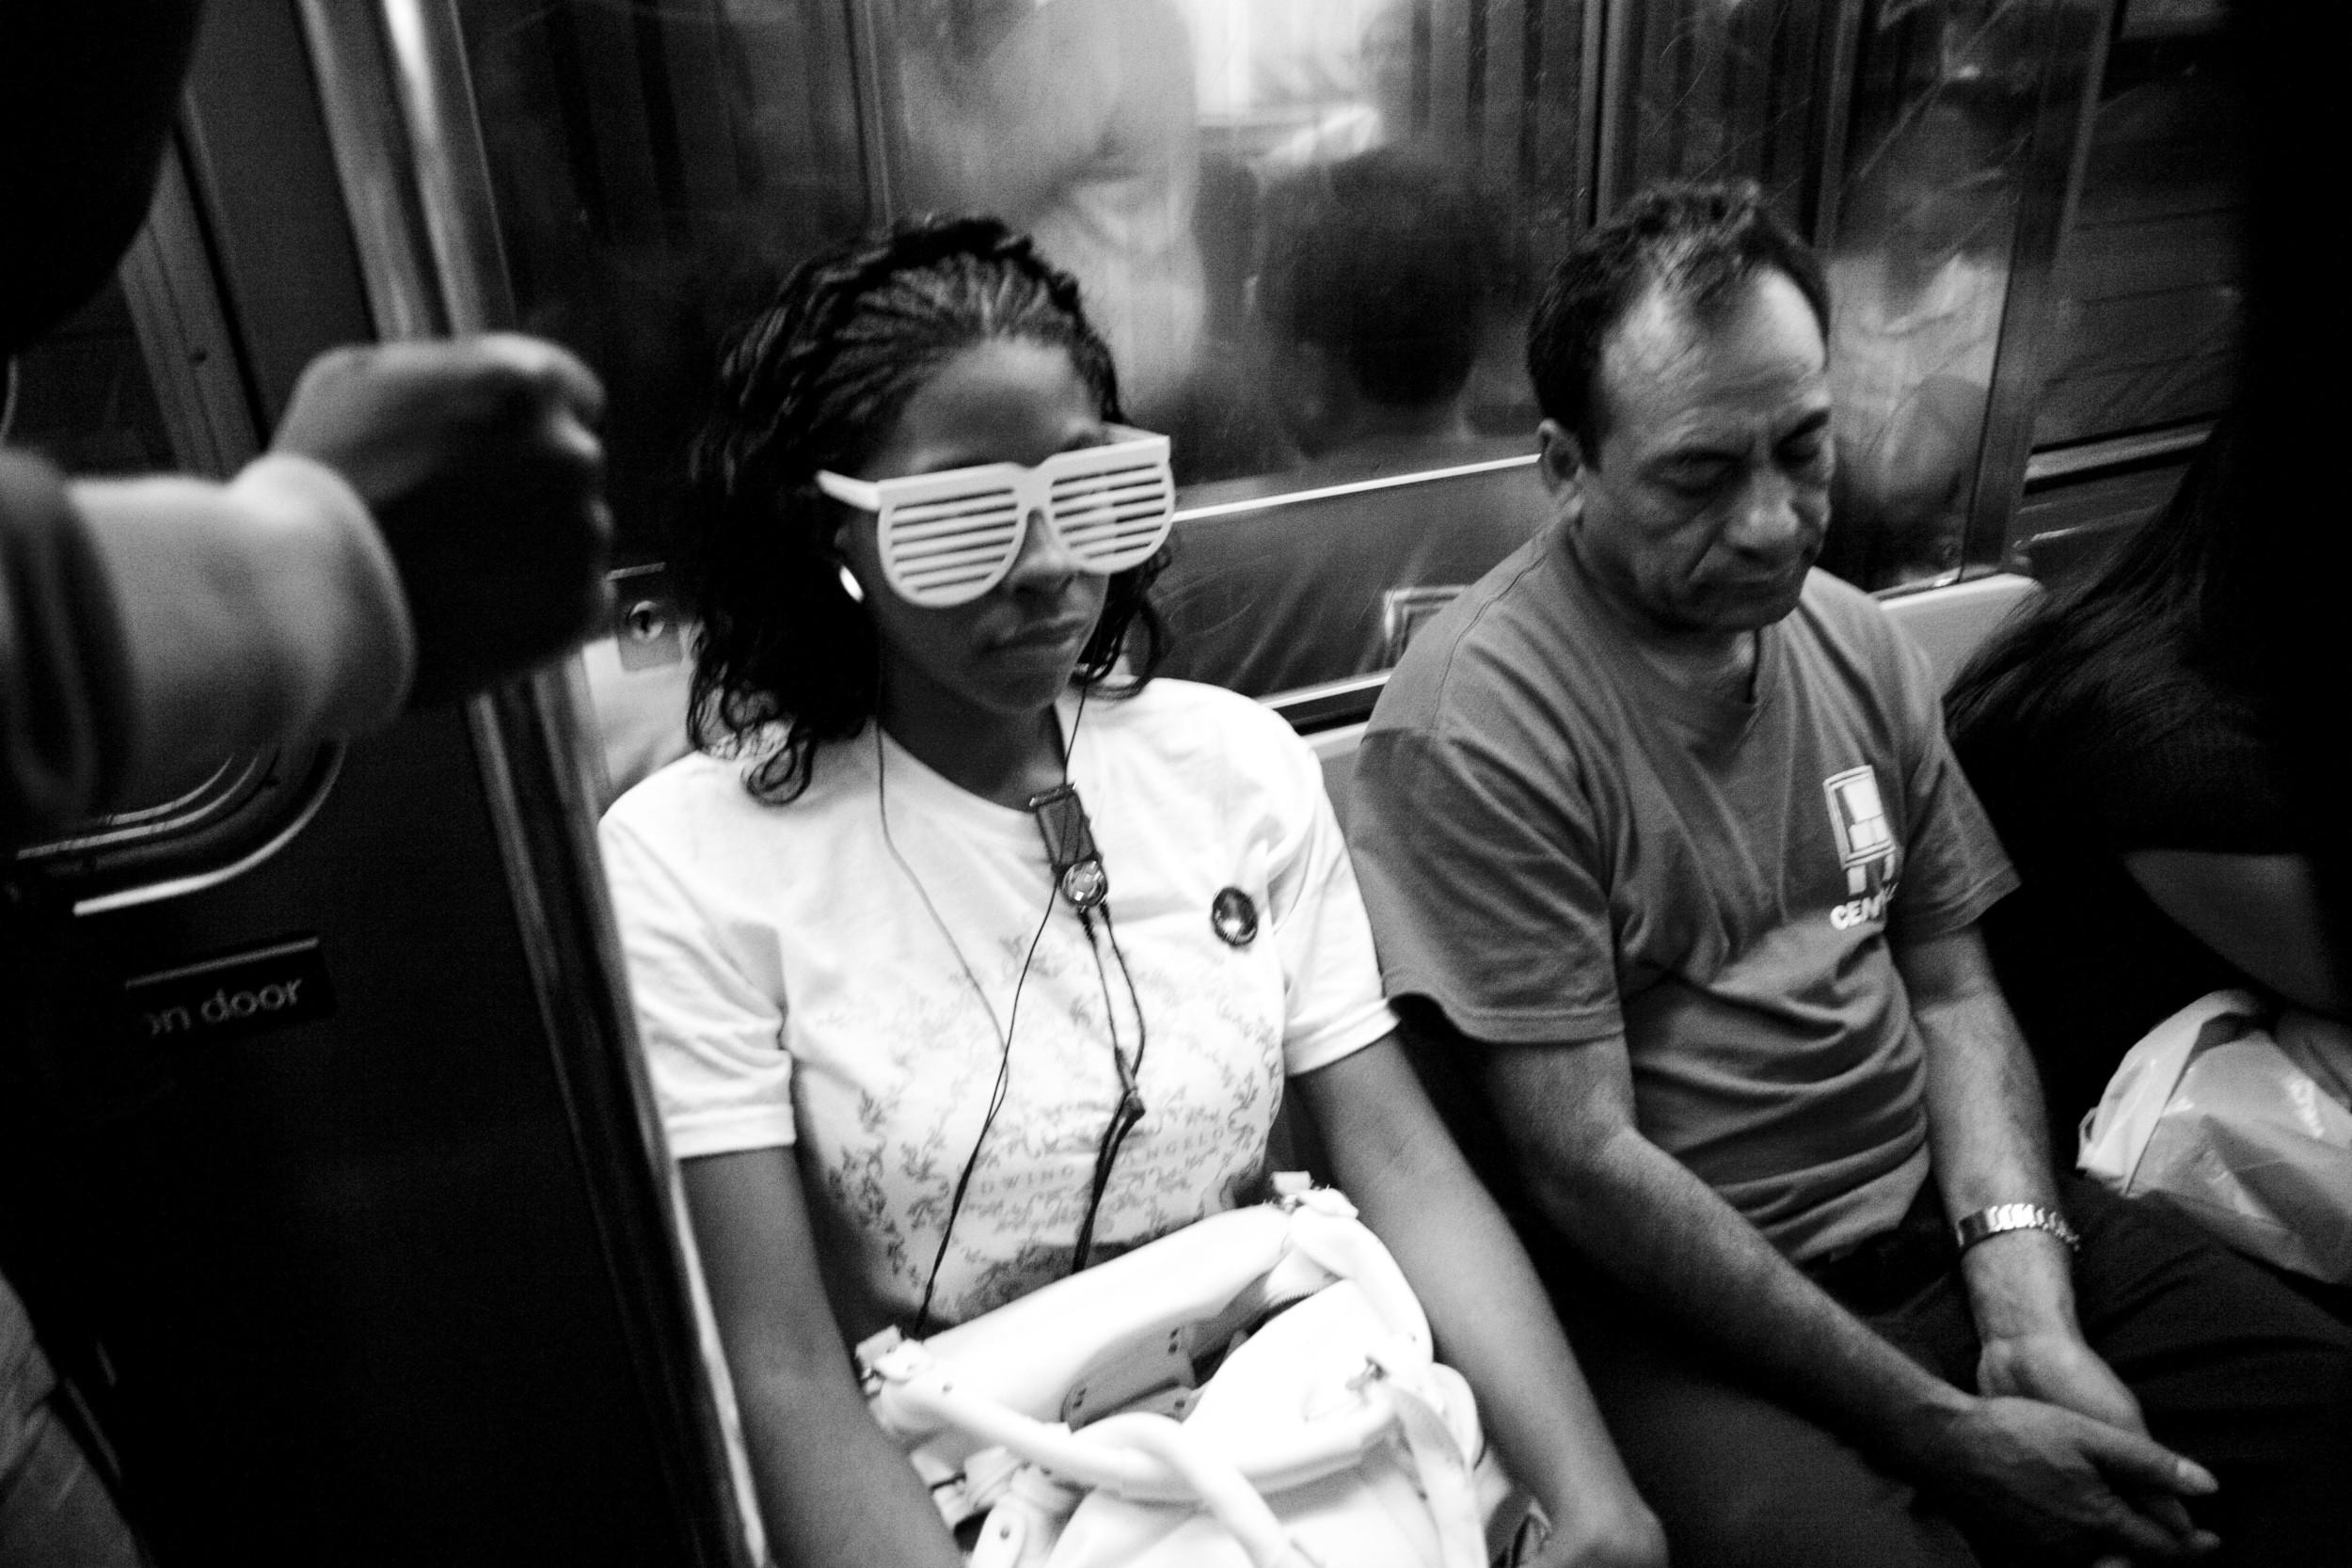 Subway-1793.JPG